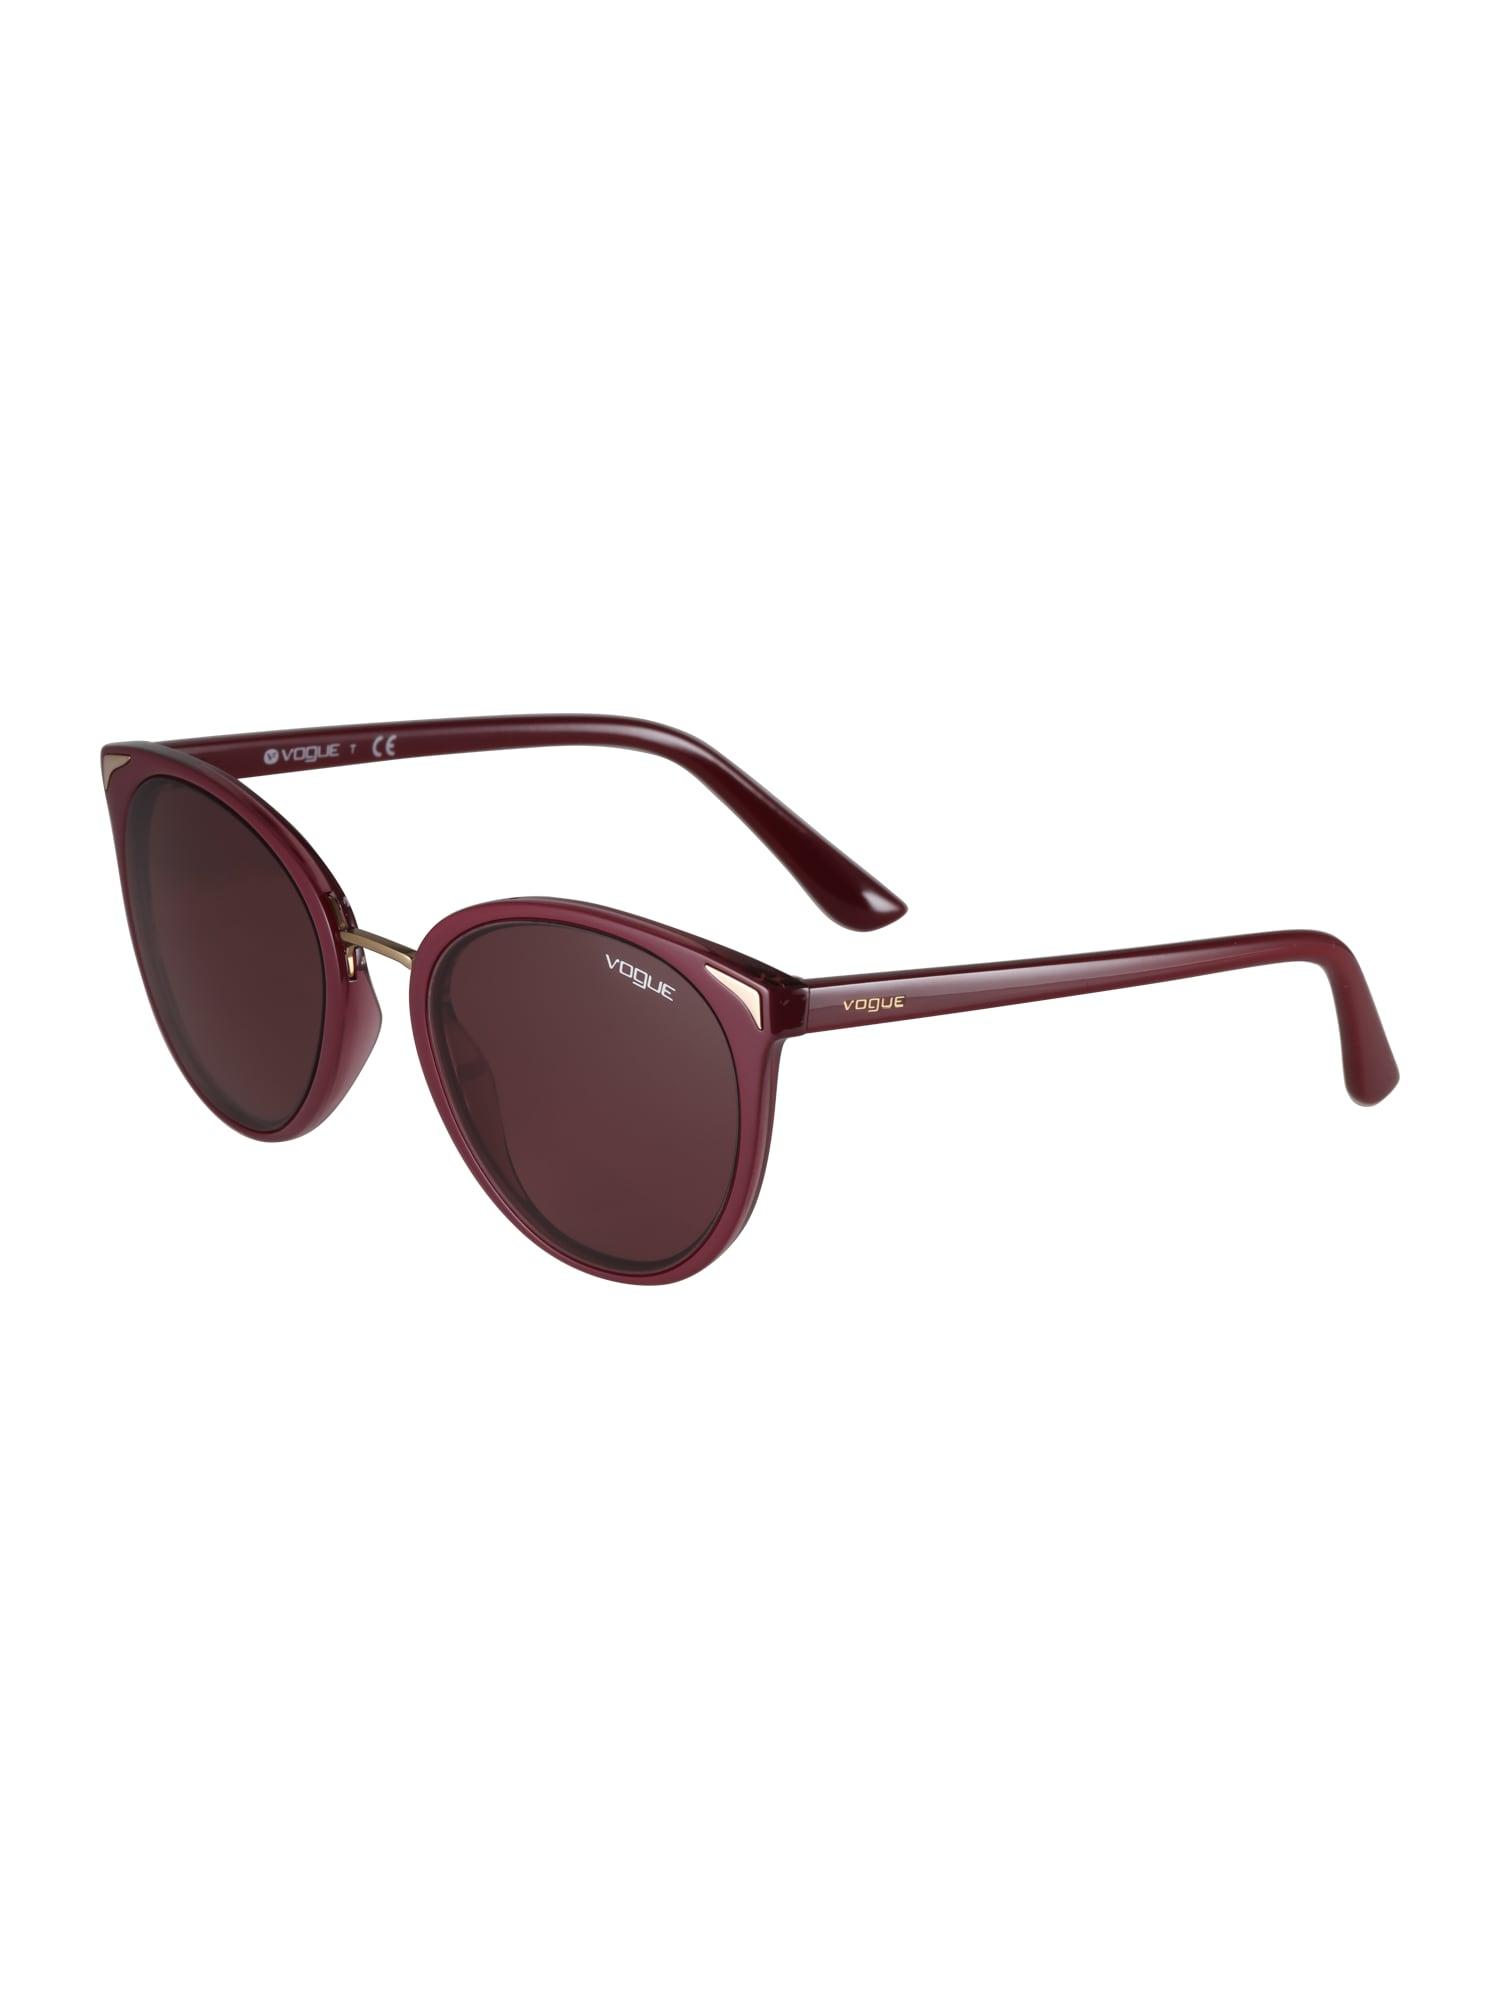 VOGUE Eyewear Akiniai nuo saulės kraujo spalva